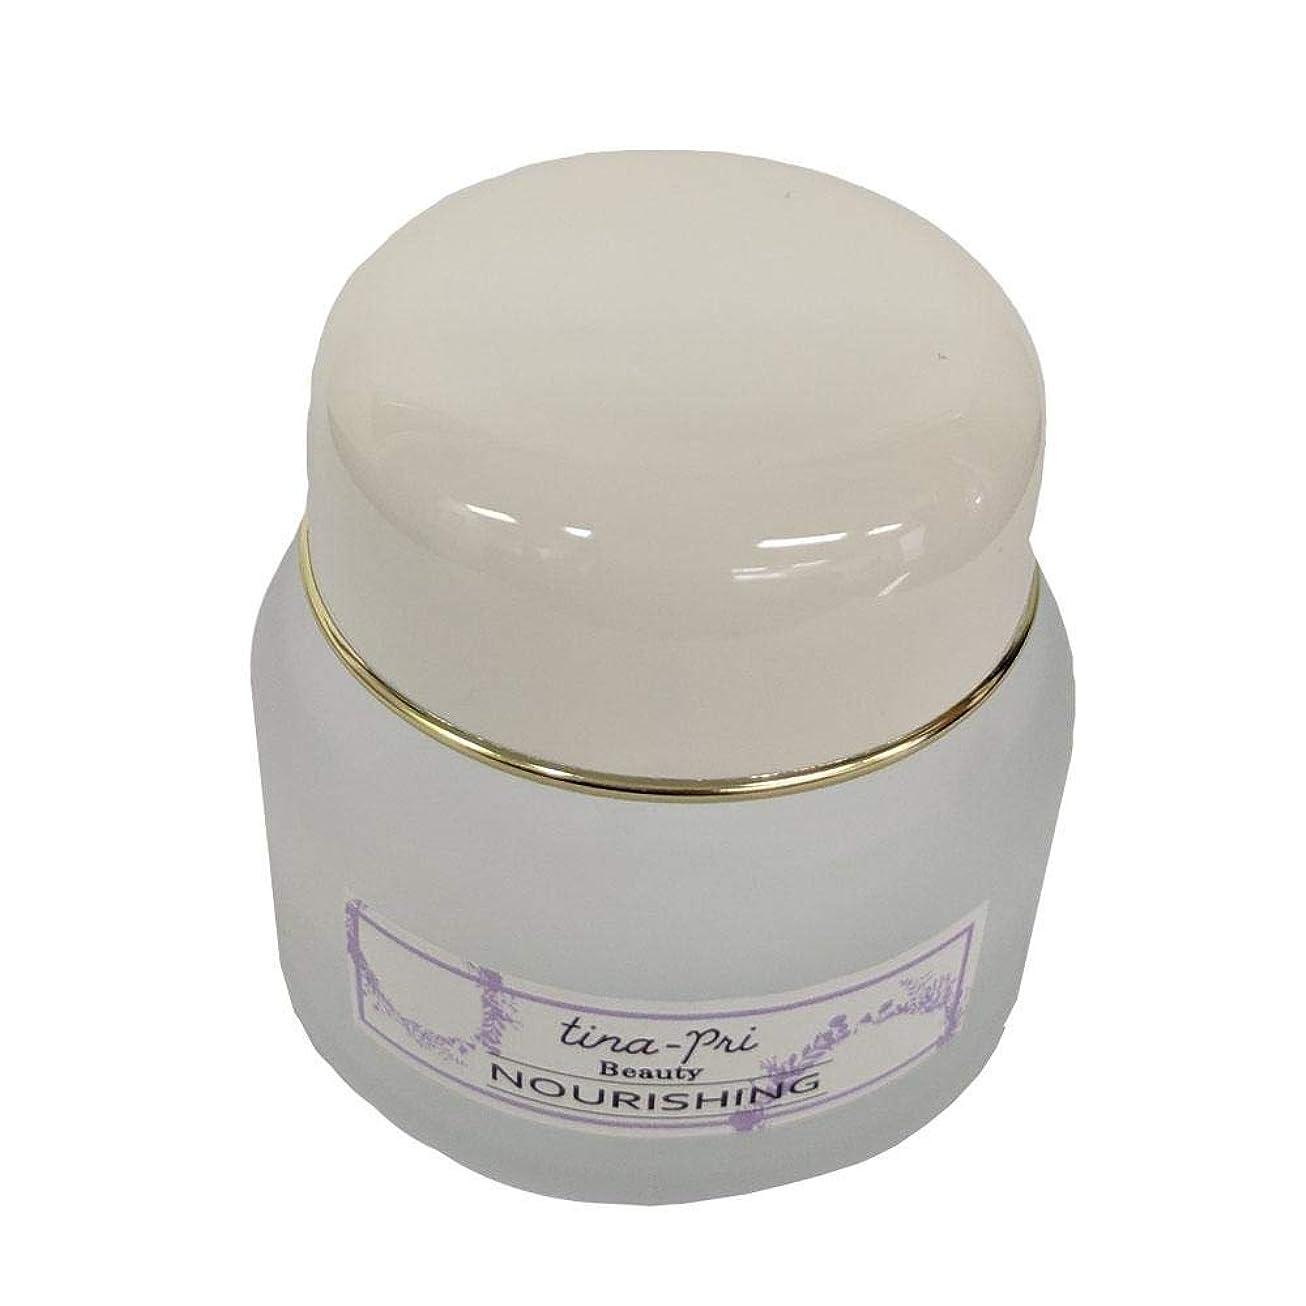 許可する火山学変化するティナプリビューティ 基礎化粧品シリーズ ナリシング 30g